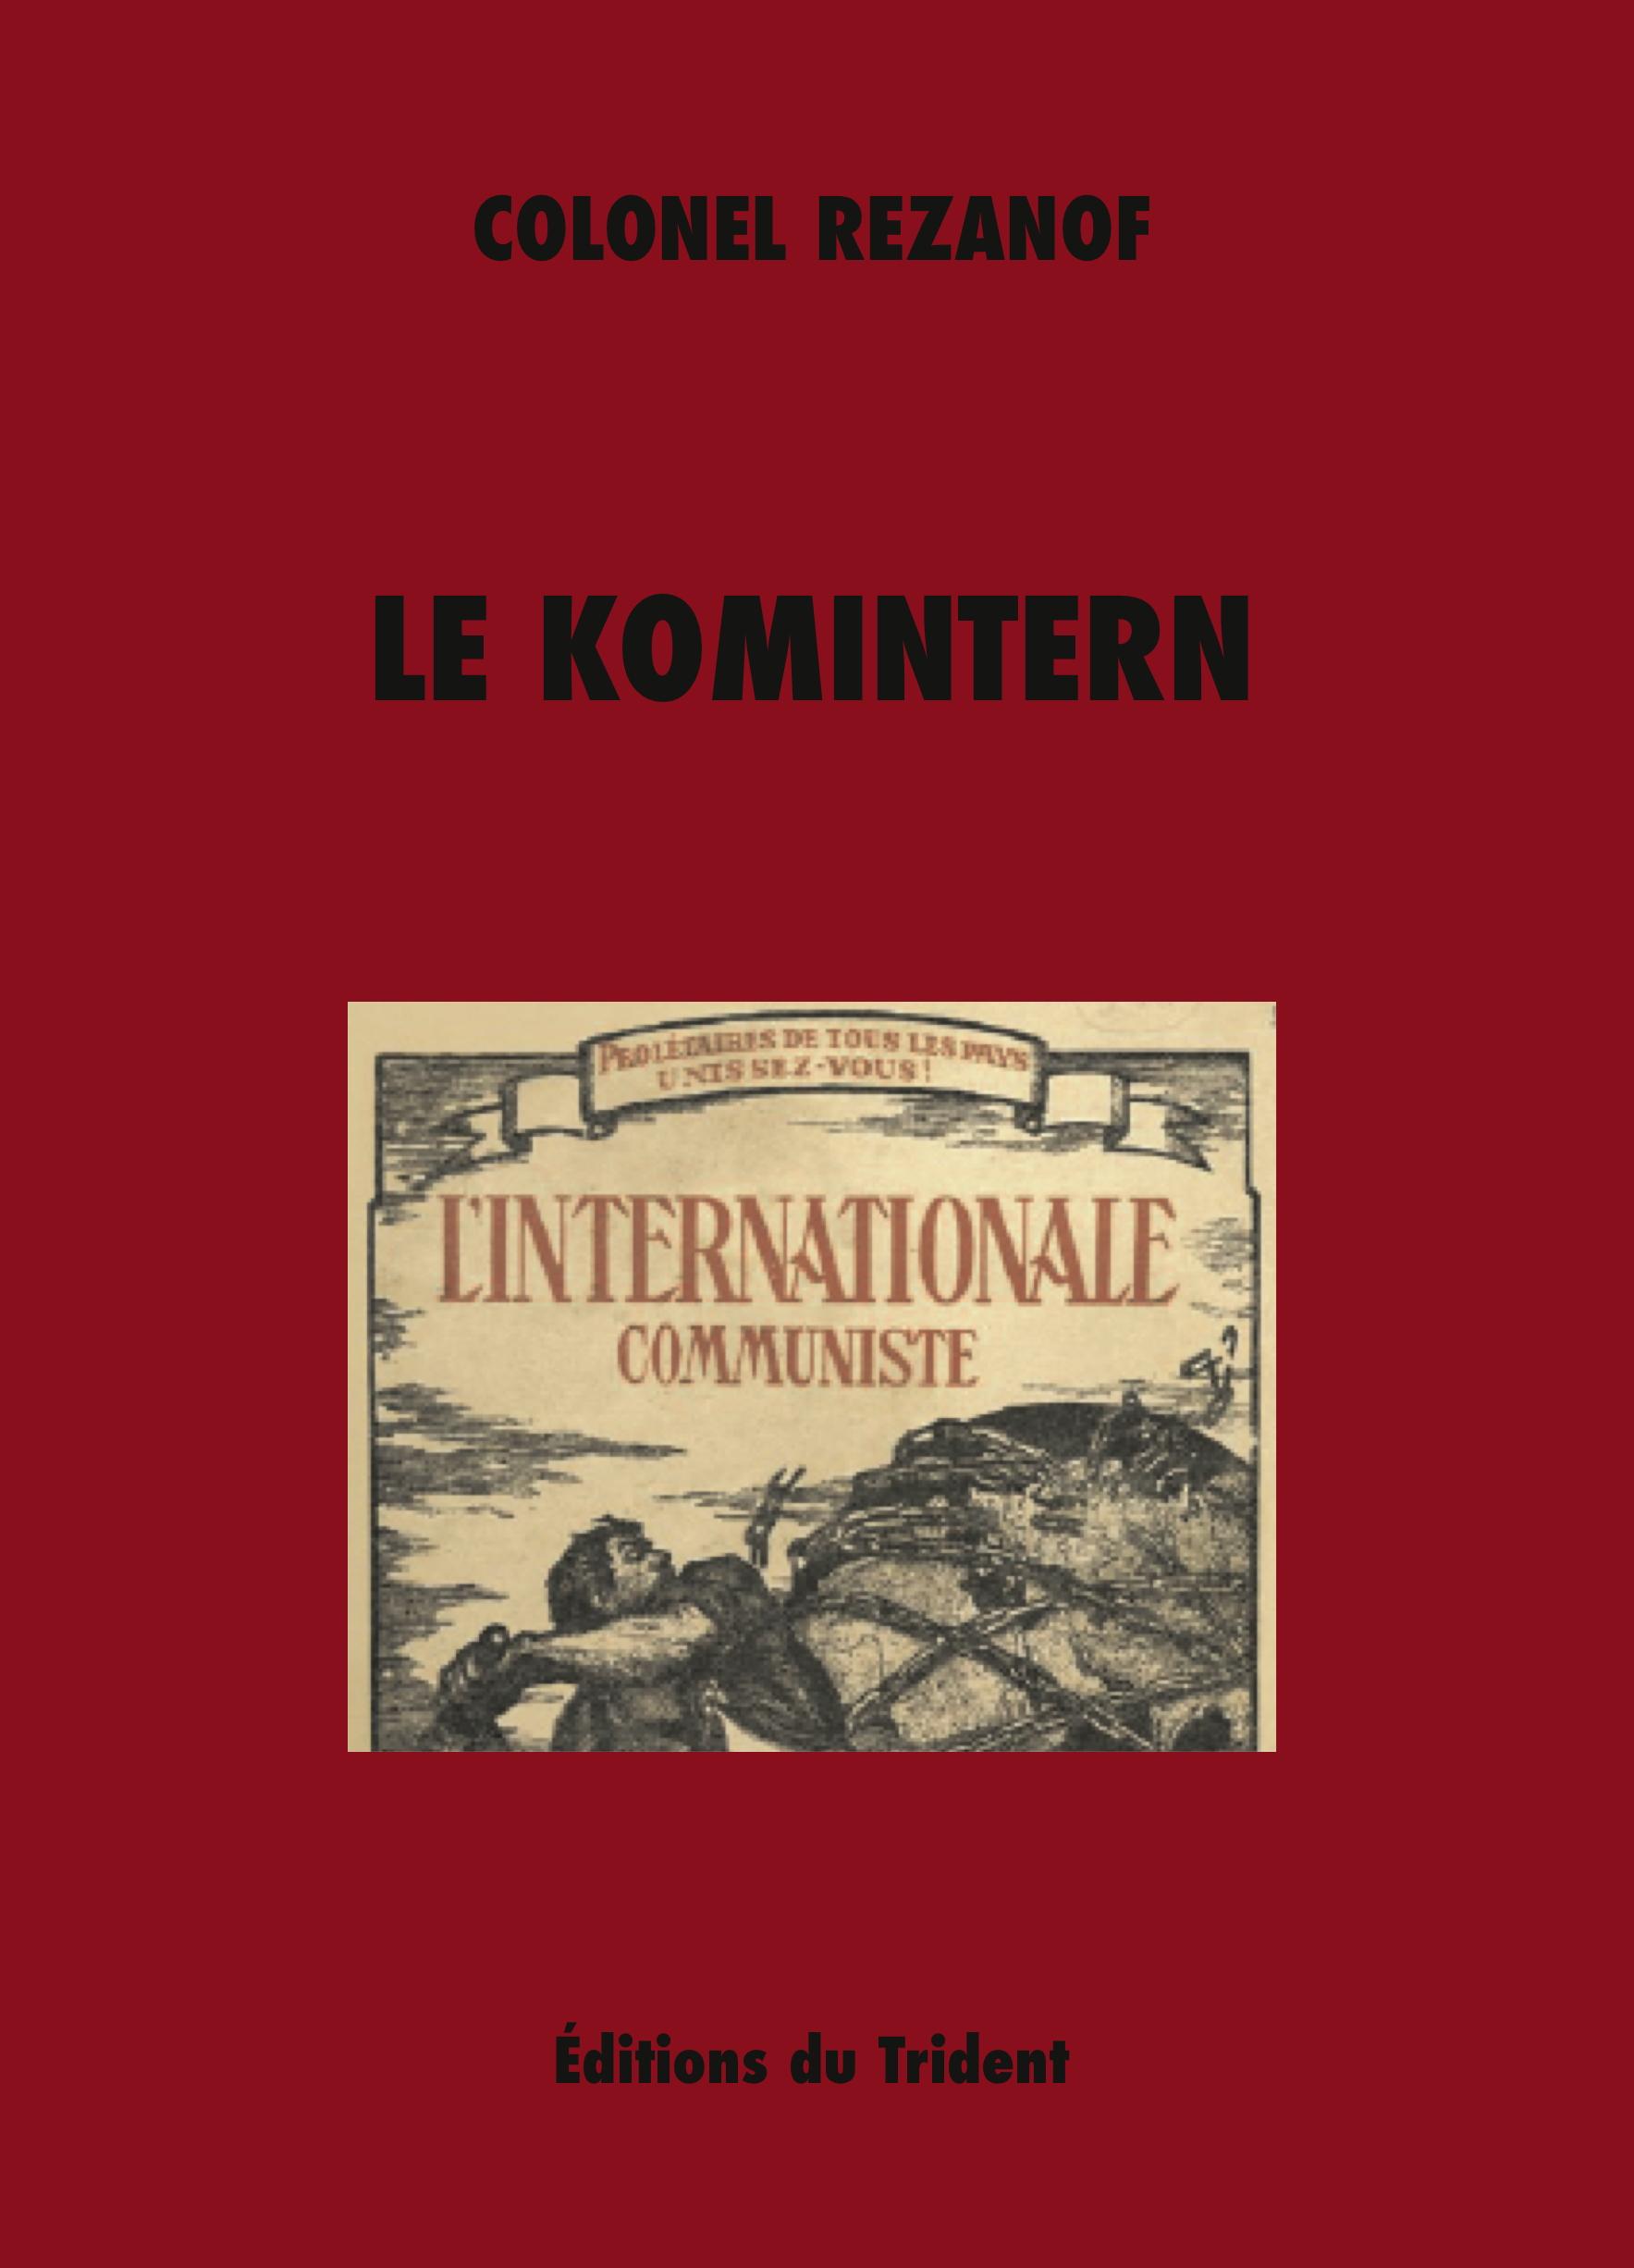 Couverture du livre du colonel Rezanoff